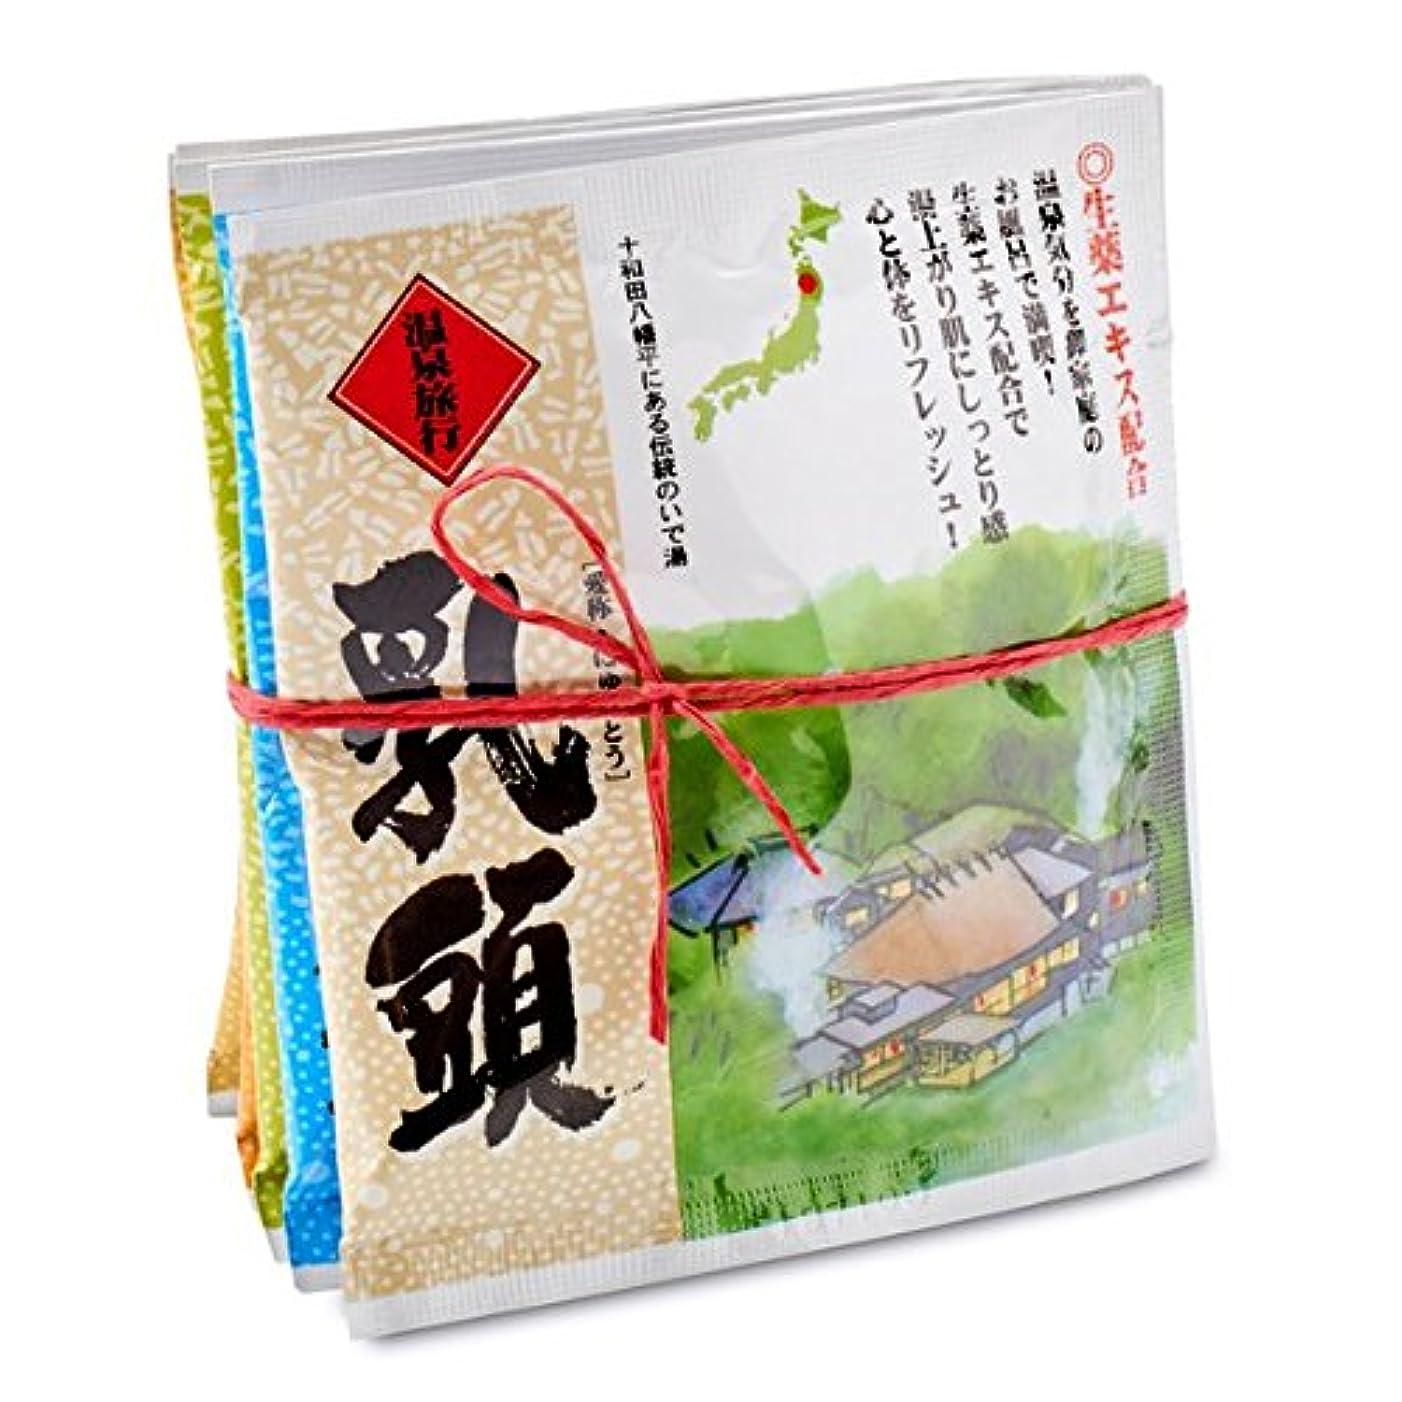 シャット麺つかの間五洲薬品 温泉旅行 乳頭 25g 4987332128304